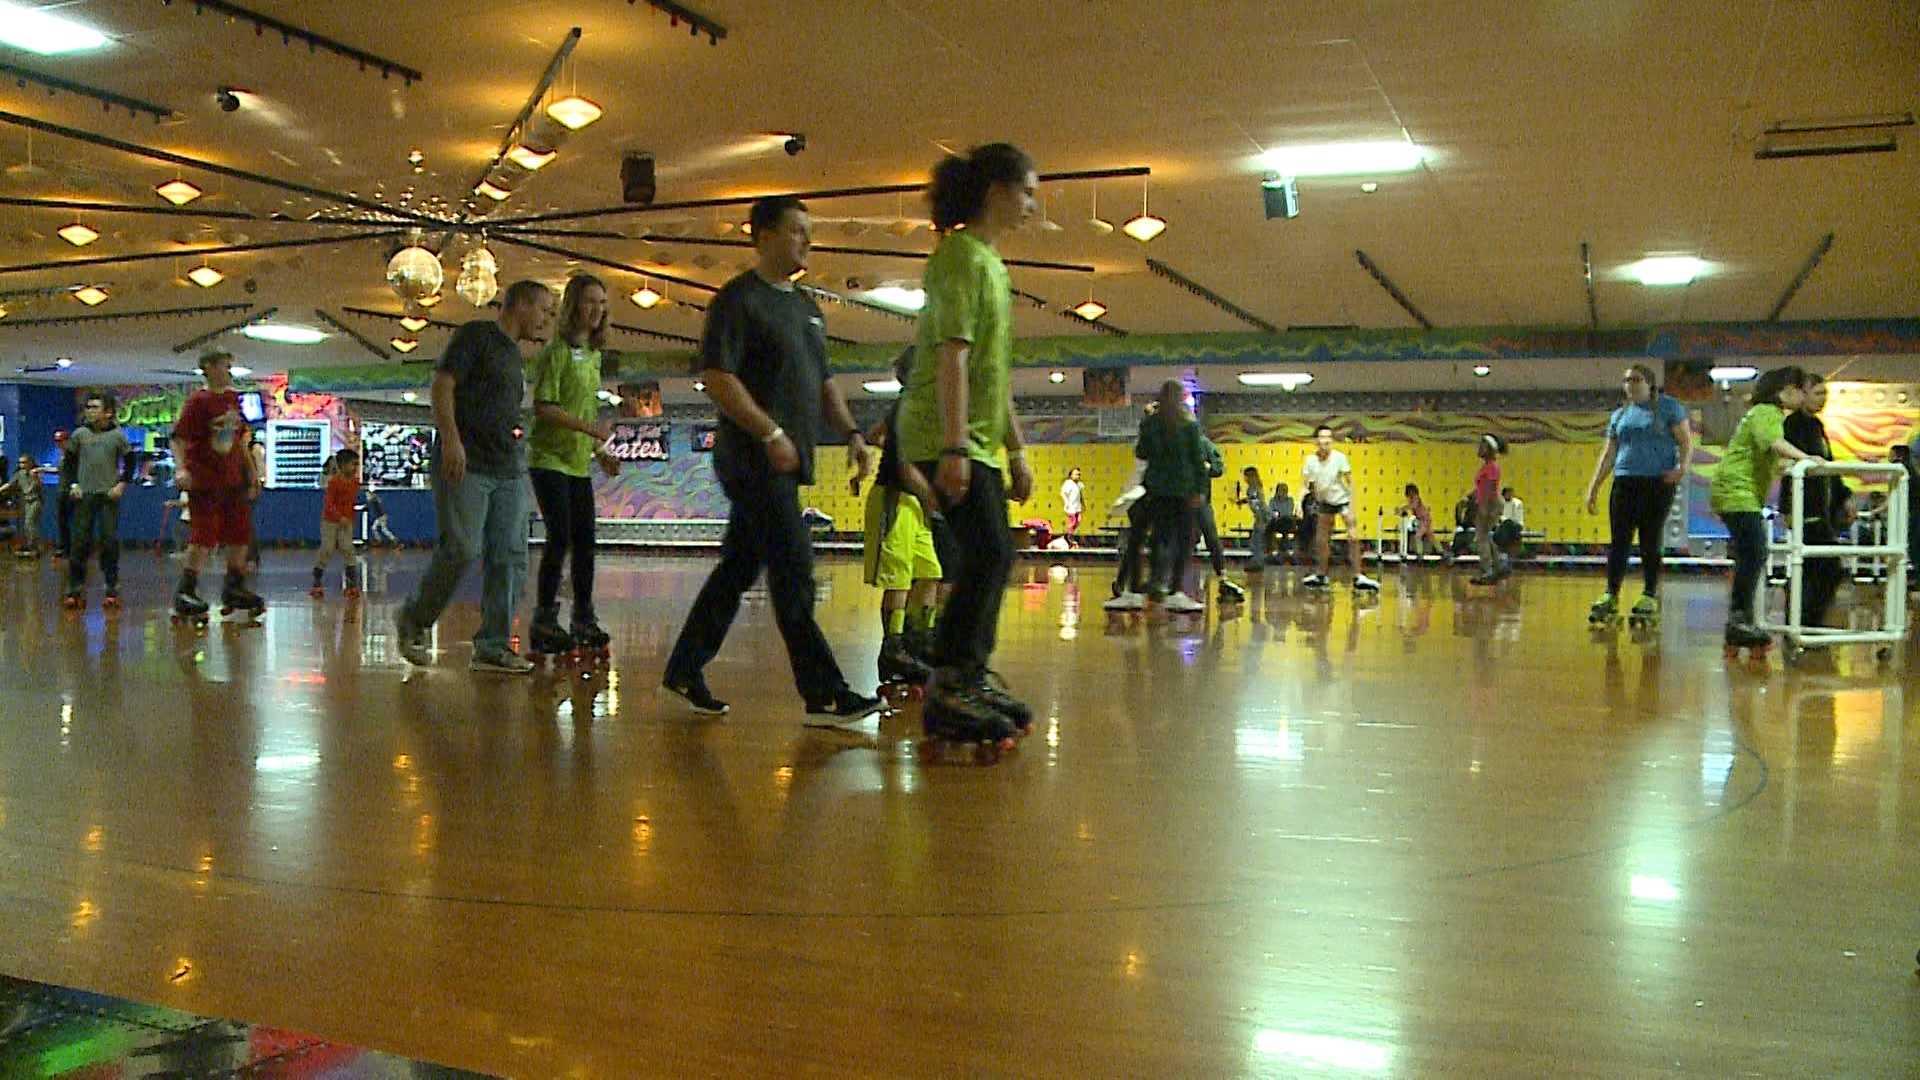 Roller skating omaha - Outlook Nebraska Inc Organizes Roller Skate Event For Blind Visually Impaired Kids